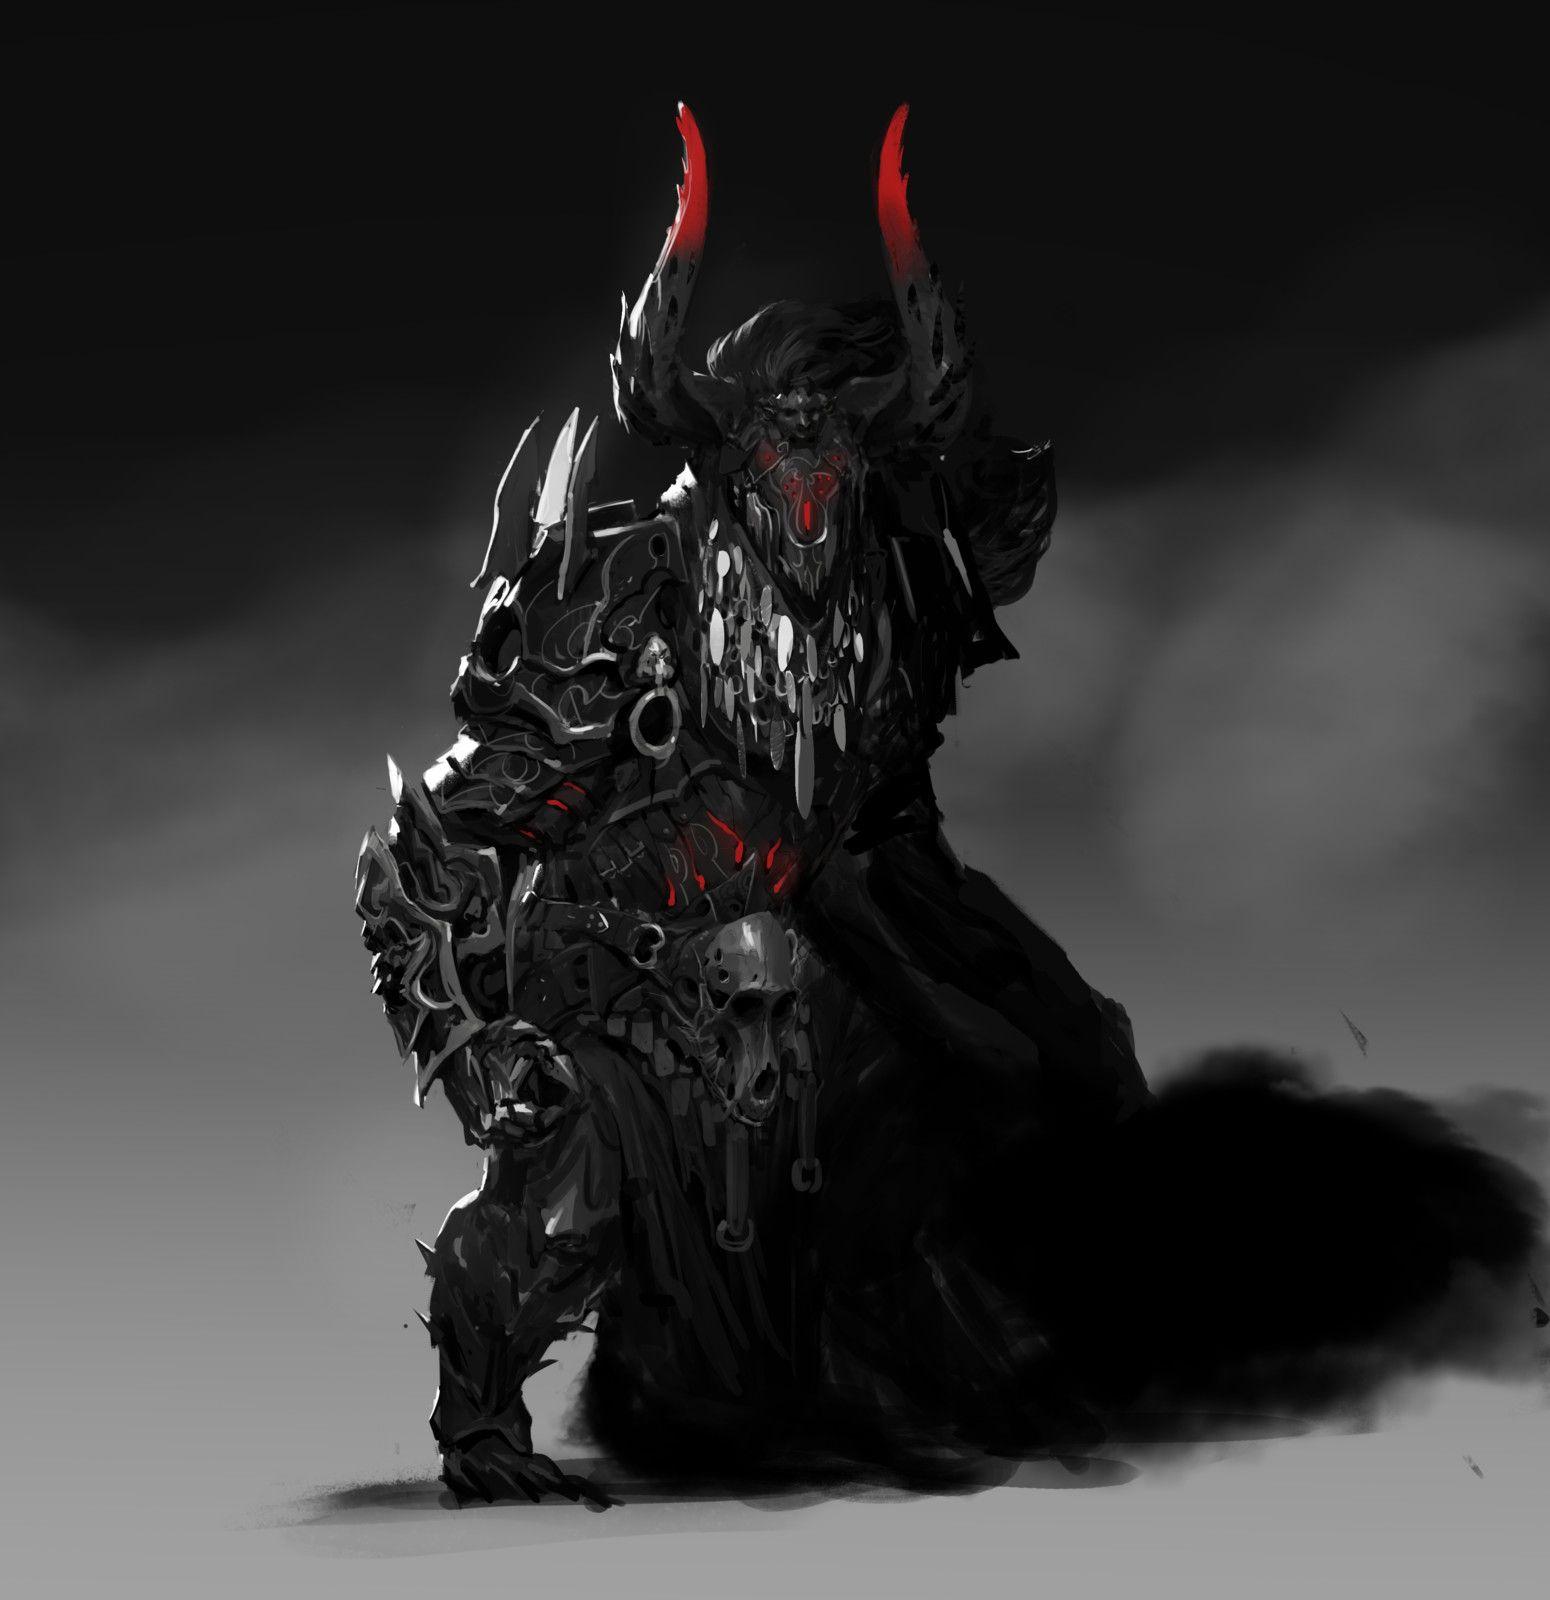 wraith, Johnathan Reyes on ArtStation at https://www.artstation.com/artwork/LmrRP